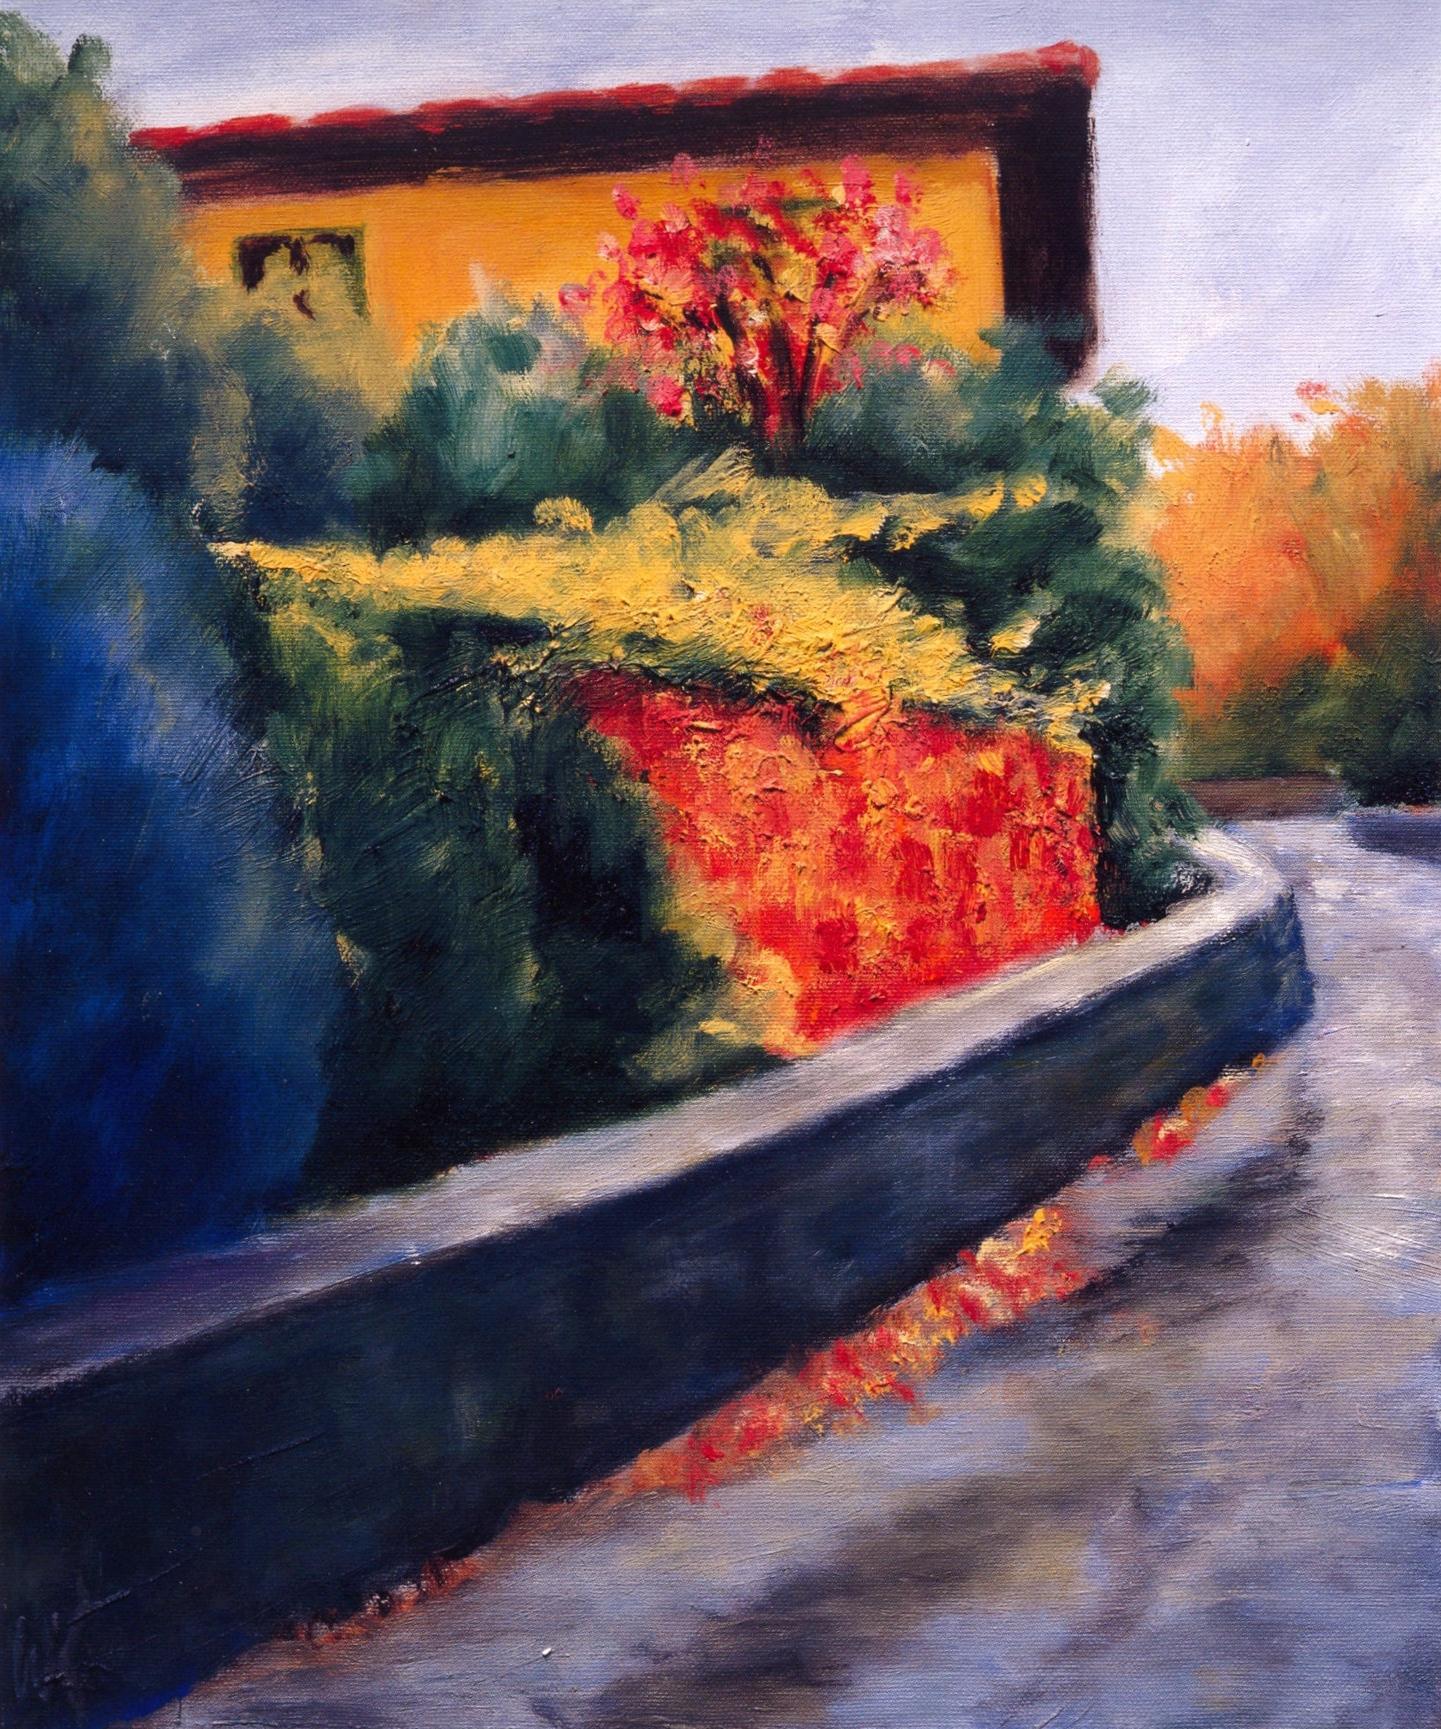 La Strada, Pescalo   Oil on canvas, 20'' x 24'', 2004